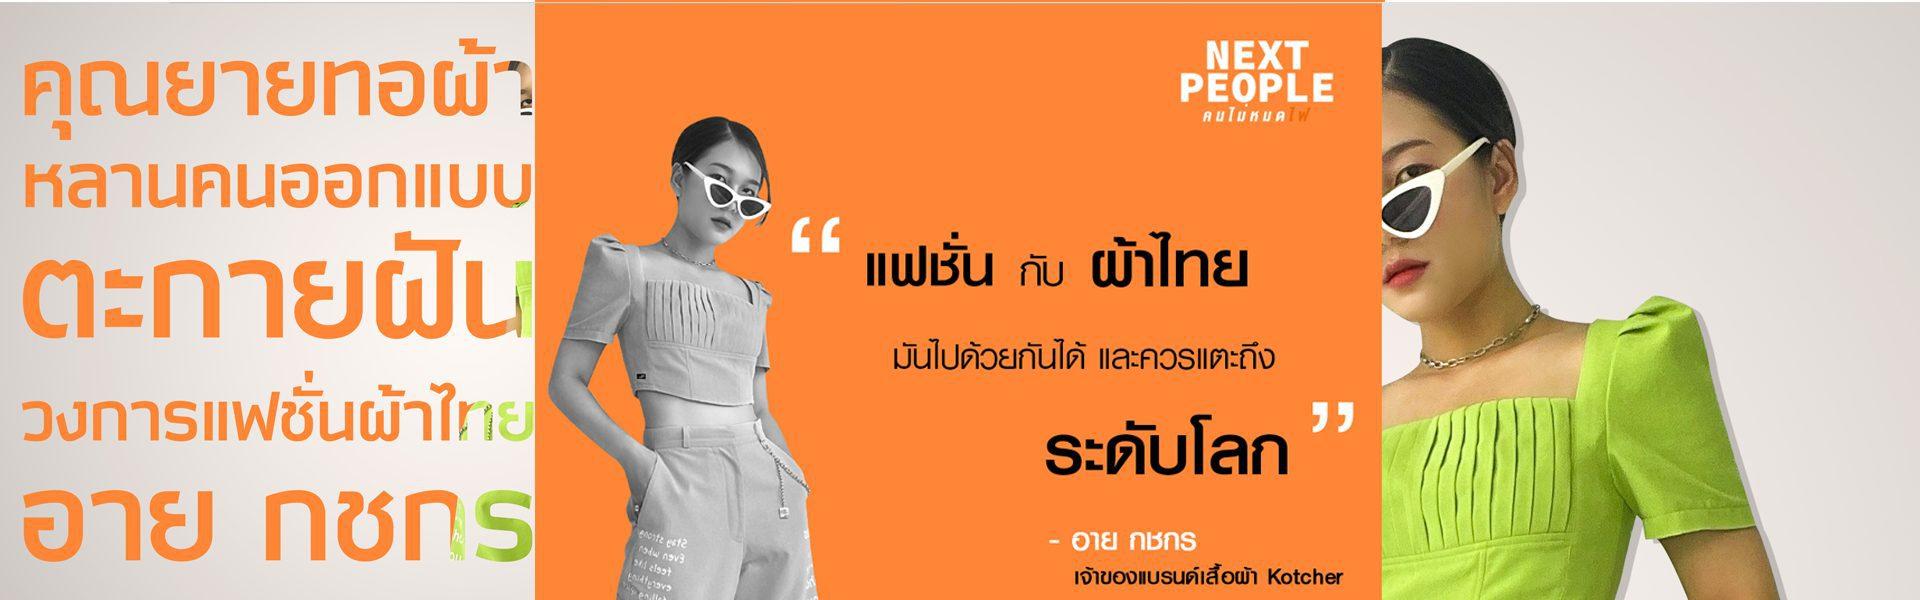 """คุณยายทอผ้า…หลานคนออกแบบ ตะกายฝัน วงการแฟชั่นผ้าไทย """"NEXT PEOPLE"""""""